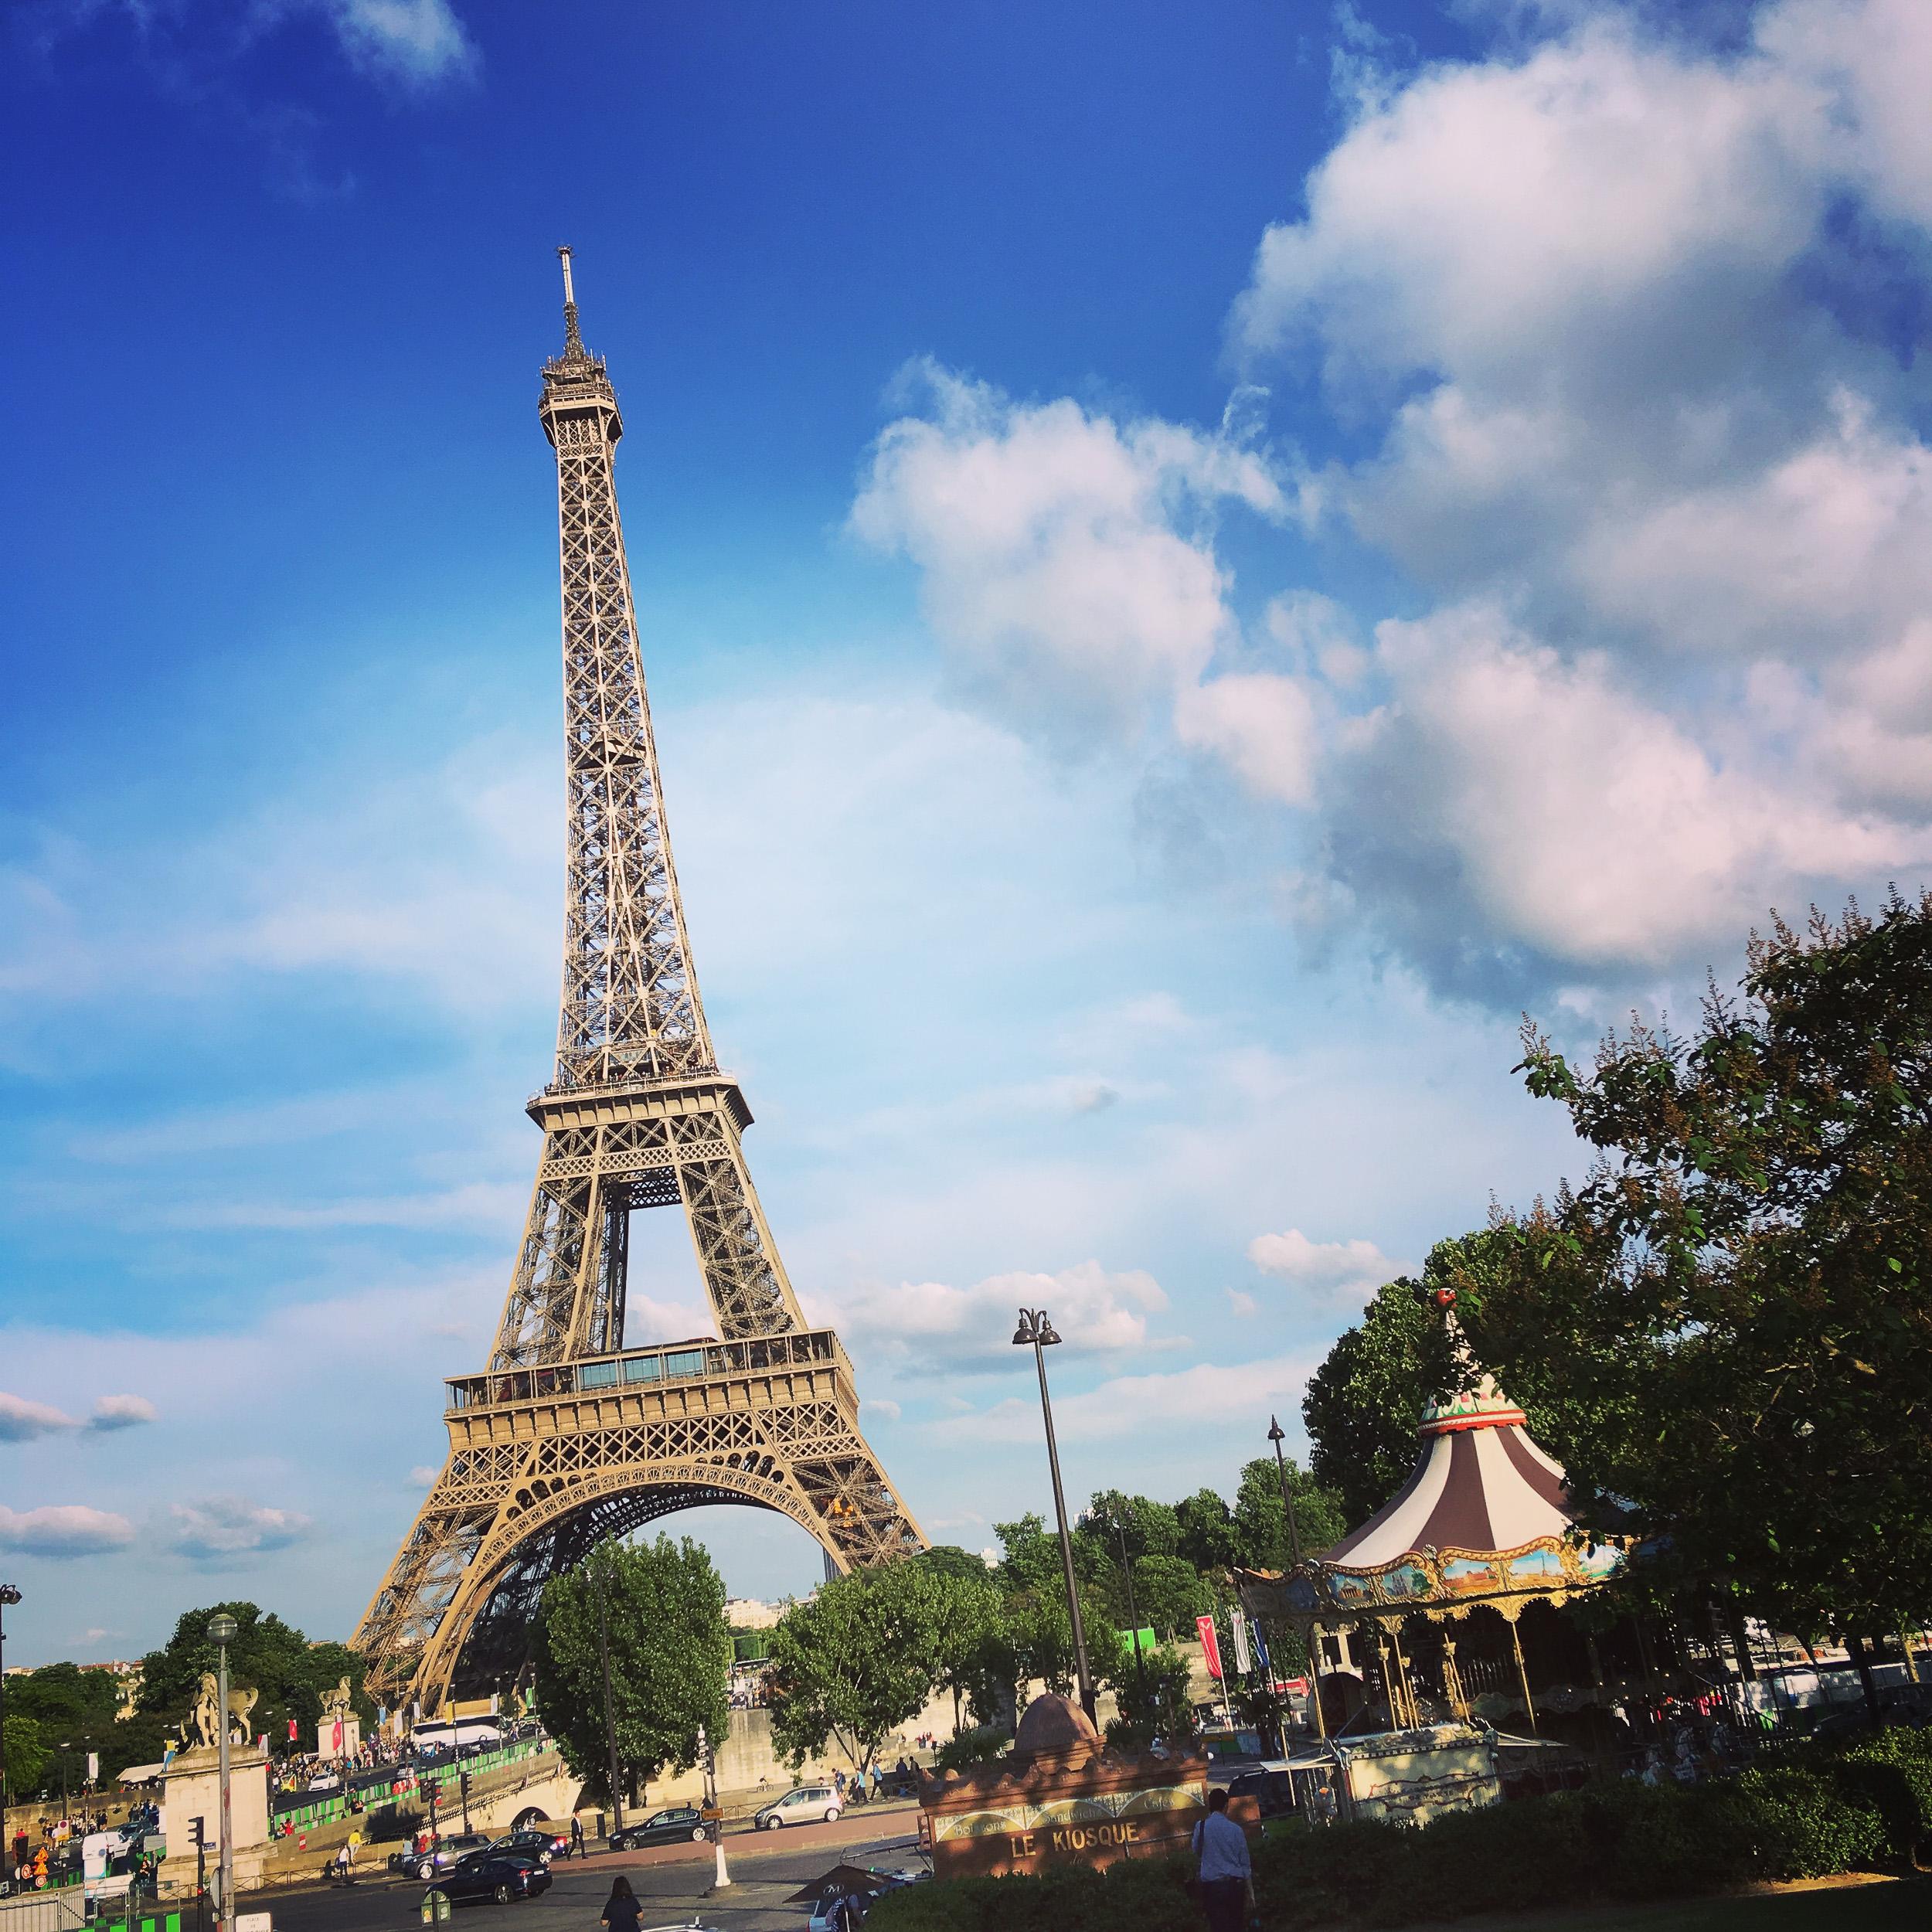 2017 05 30 - Paris (19 of 115).jpg